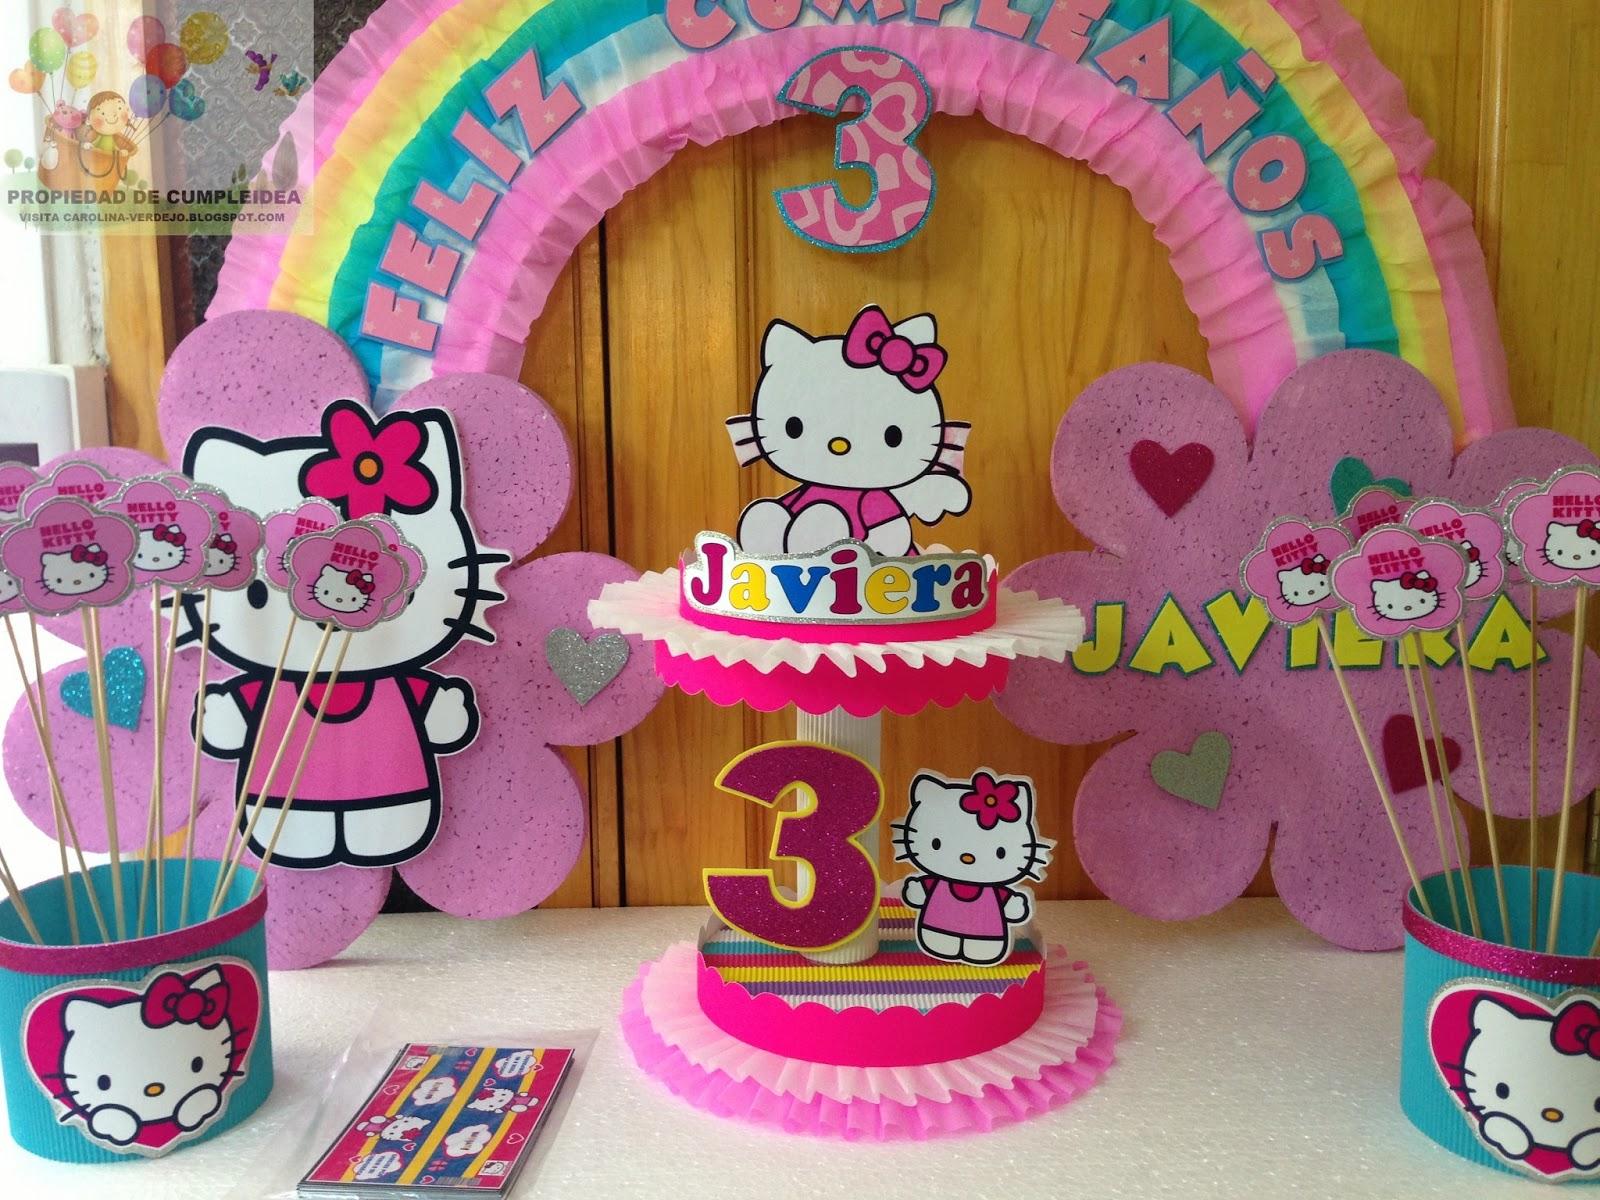 Decoraciones infantiles hello kitty for Decoraciones infantiles